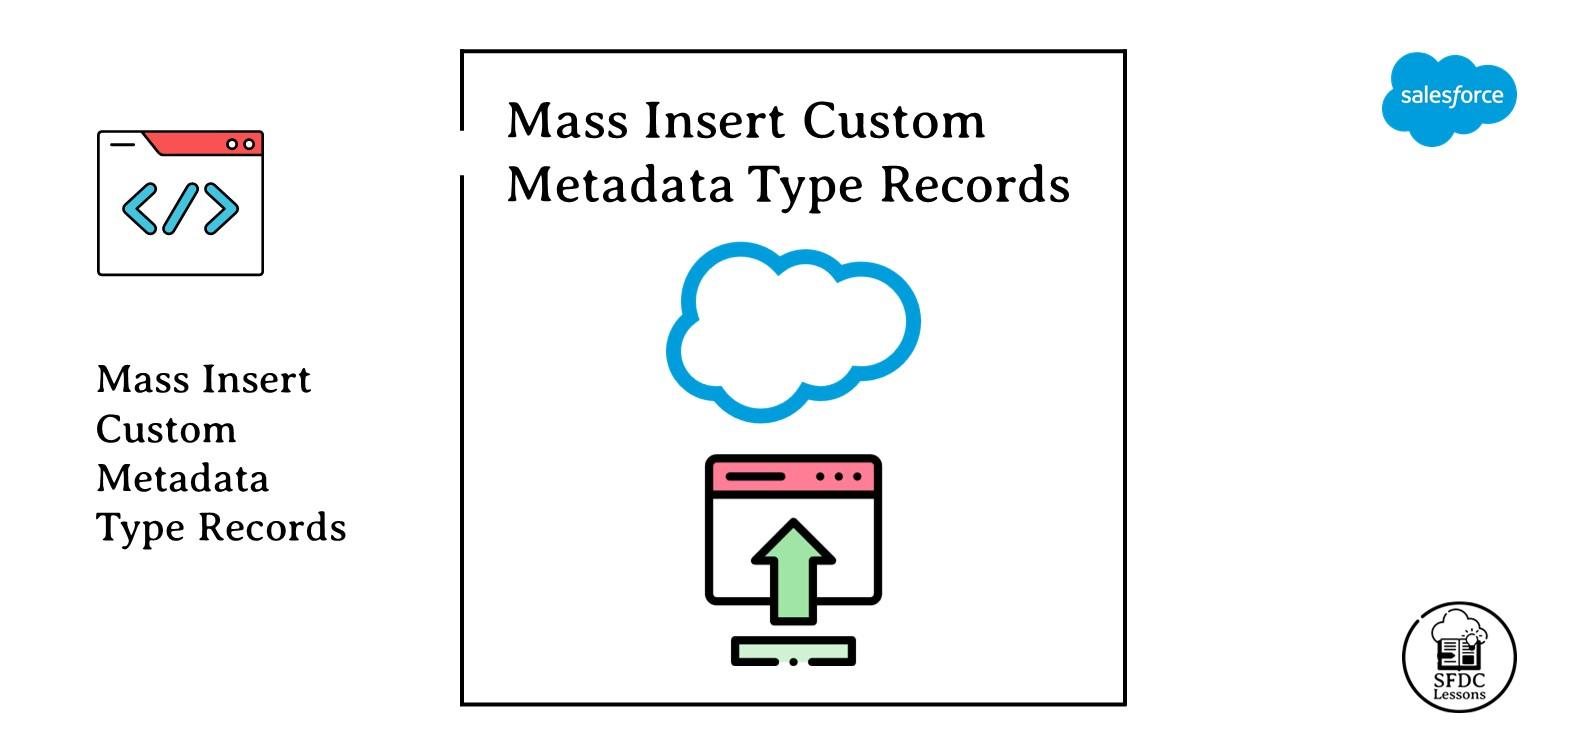 Mass Insert Custom Metadata Type Records